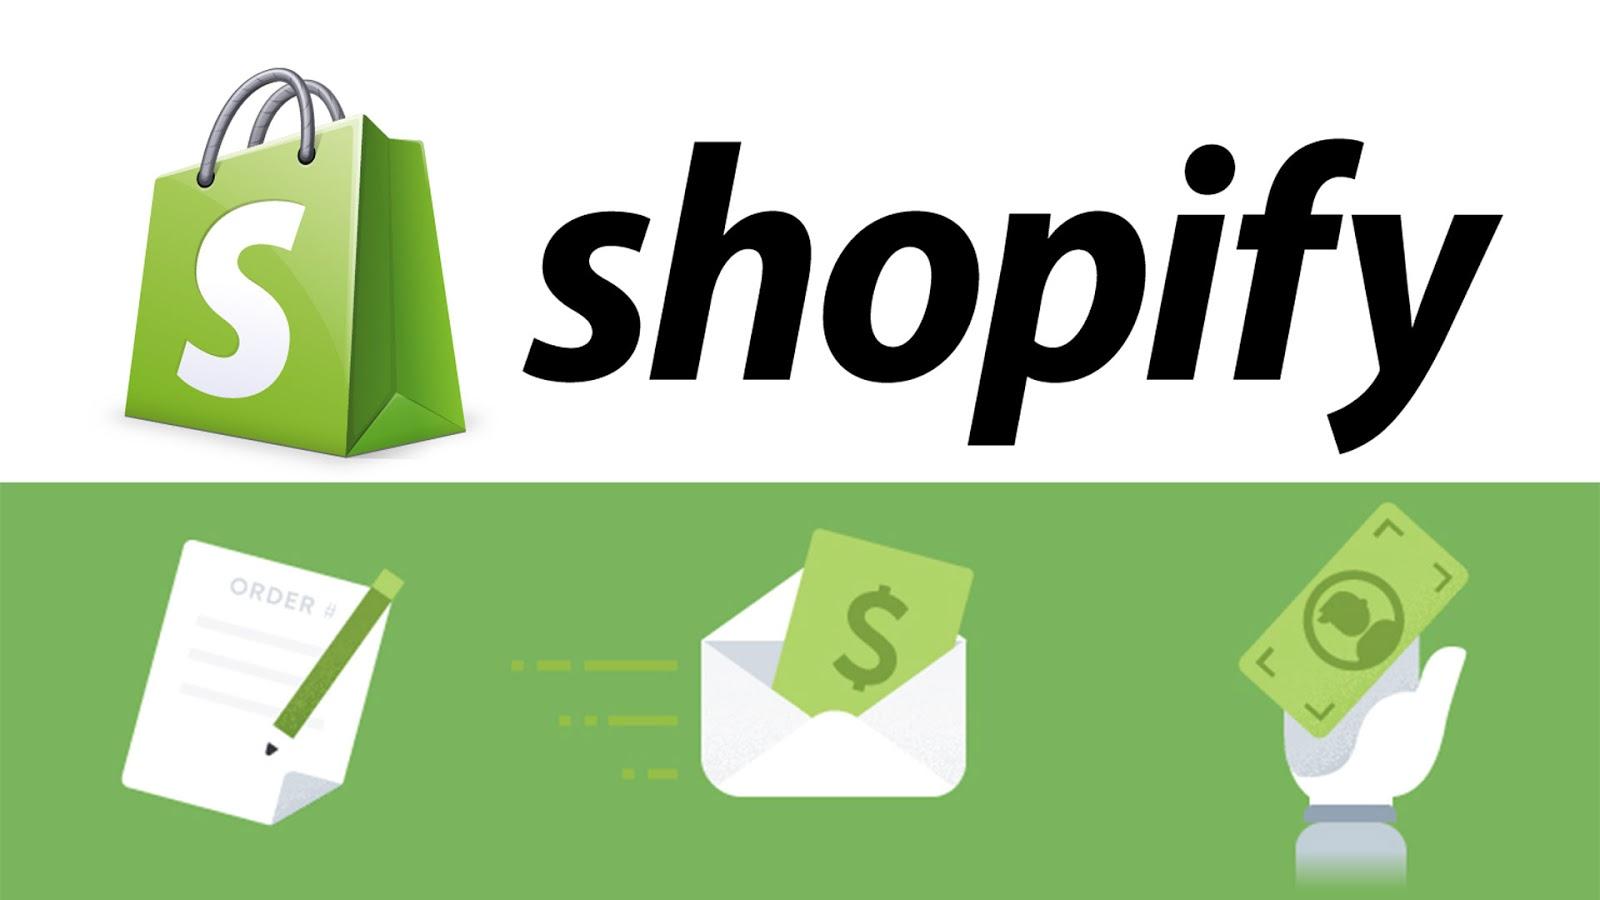 desarrollo de tiendas Shopify